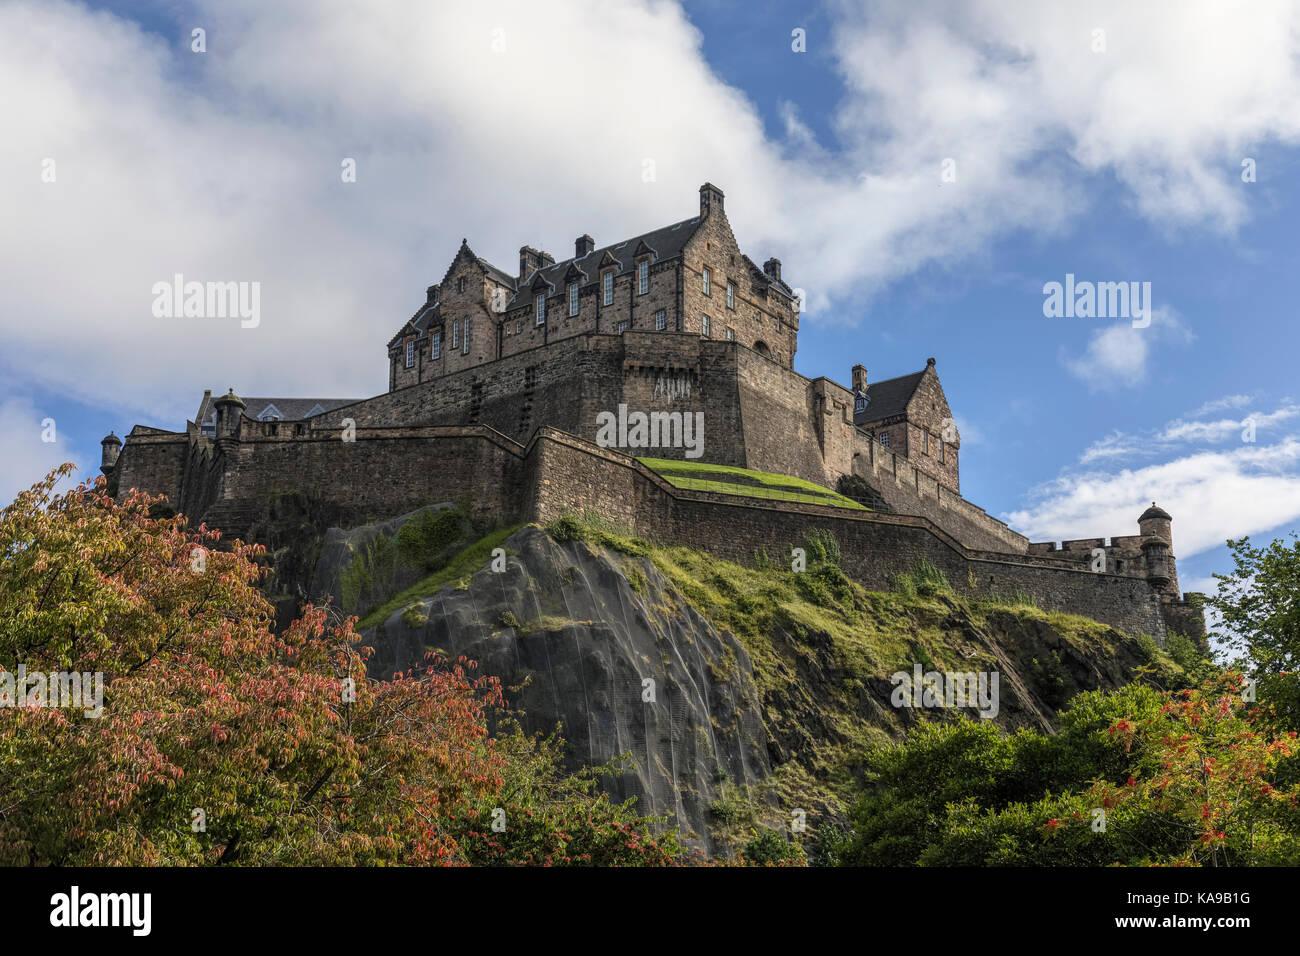 Le château d'Édimbourg, Lothian, Ecosse, Royaume-Uni Photo Stock